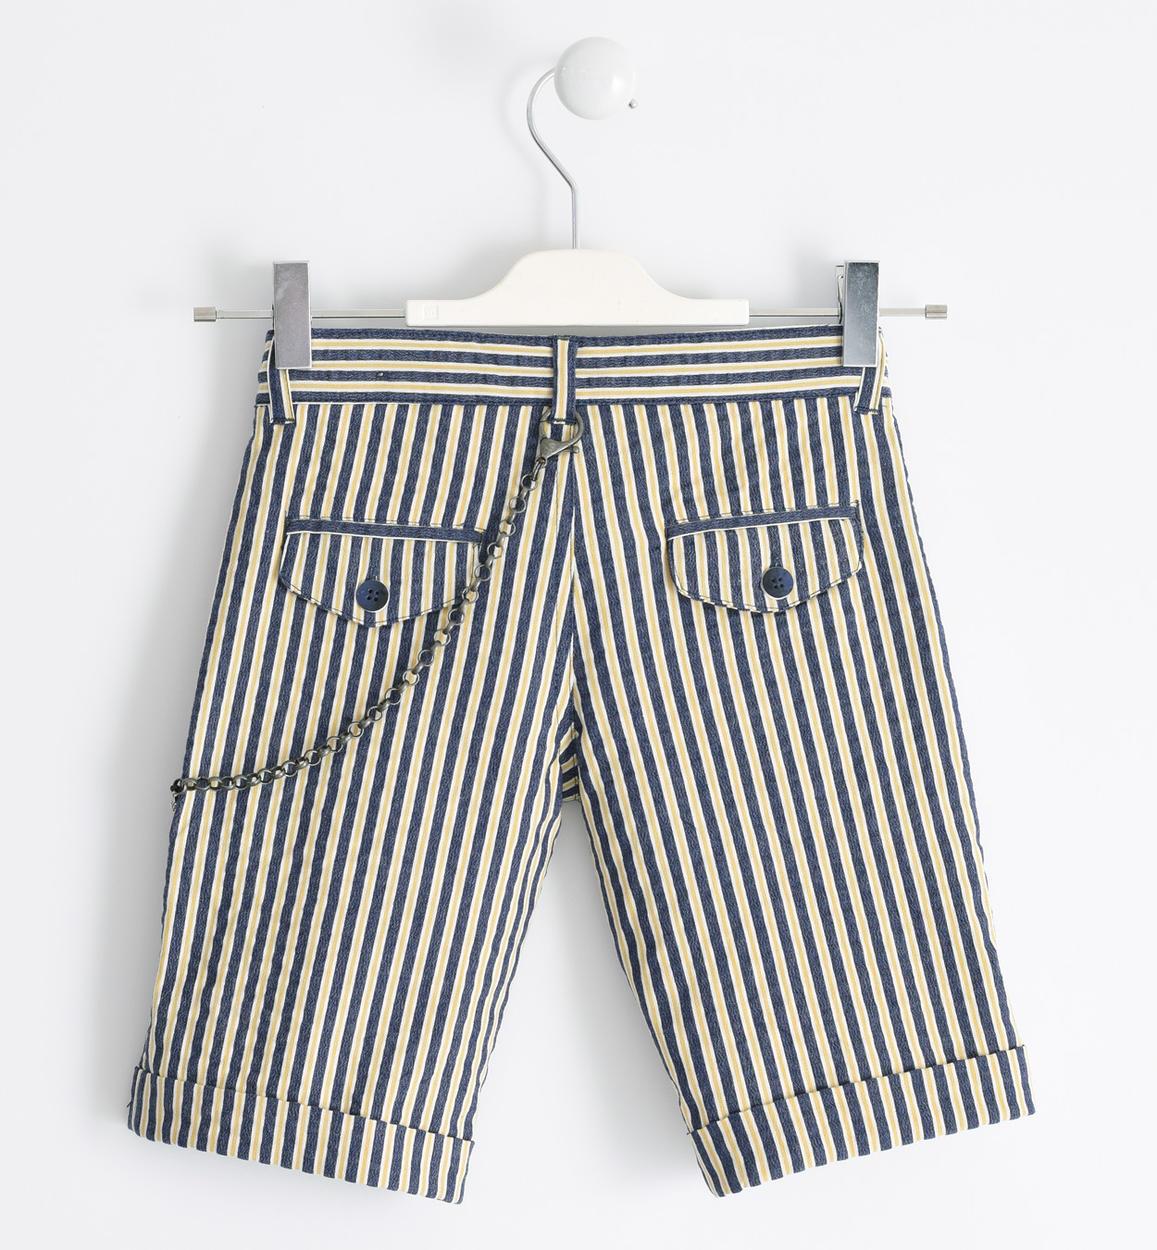 pantalone corto in popeline stretch riga ocra retro 02 2530j64000 1536 150x150